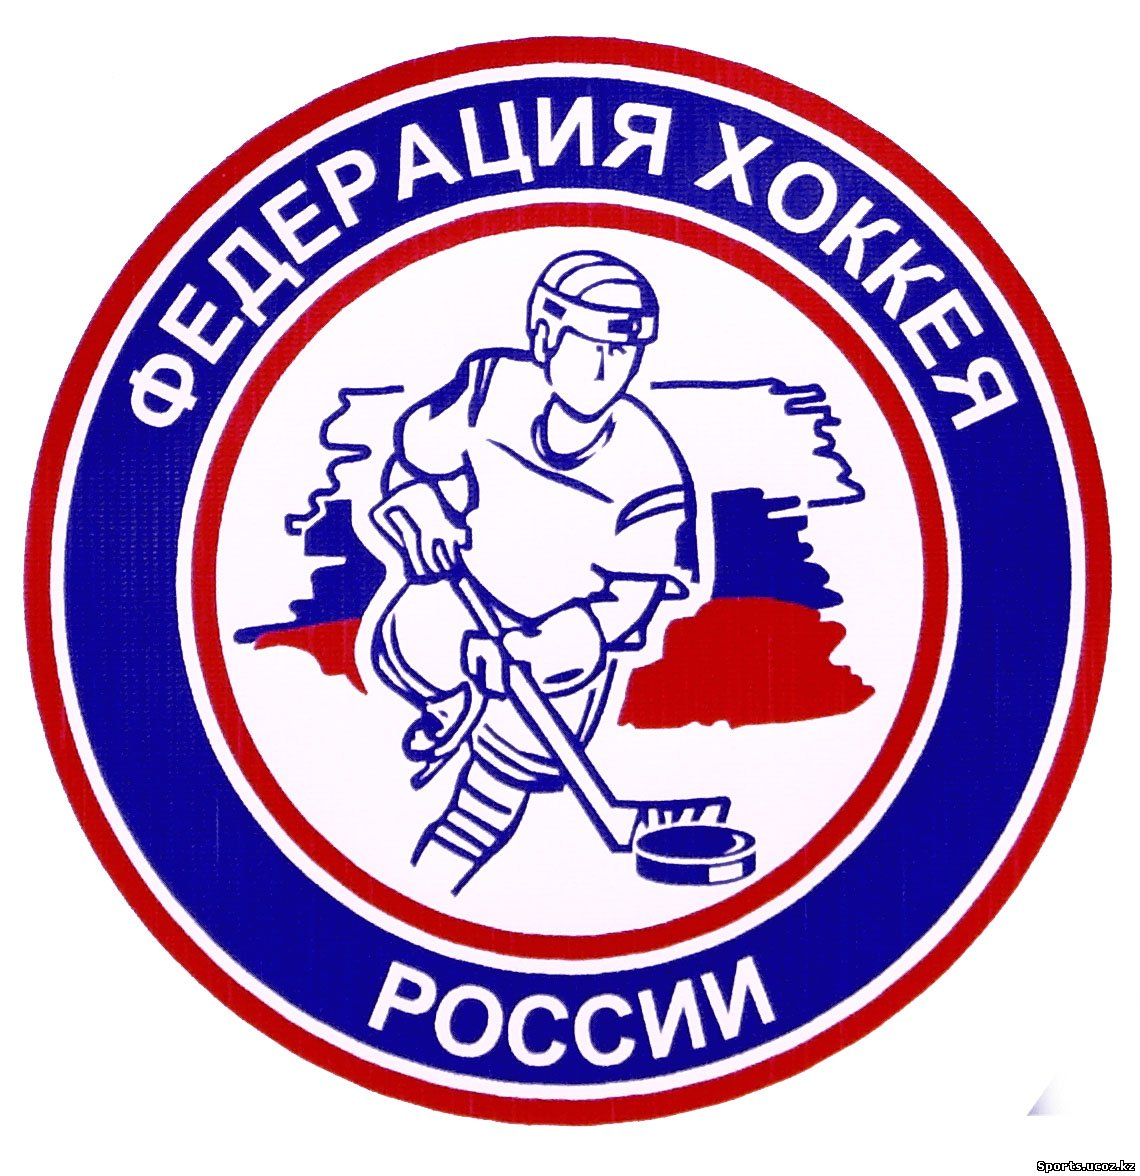 Регламент Чемпионата России по хоккею среди женских команд сезона 2013-2014 годов.